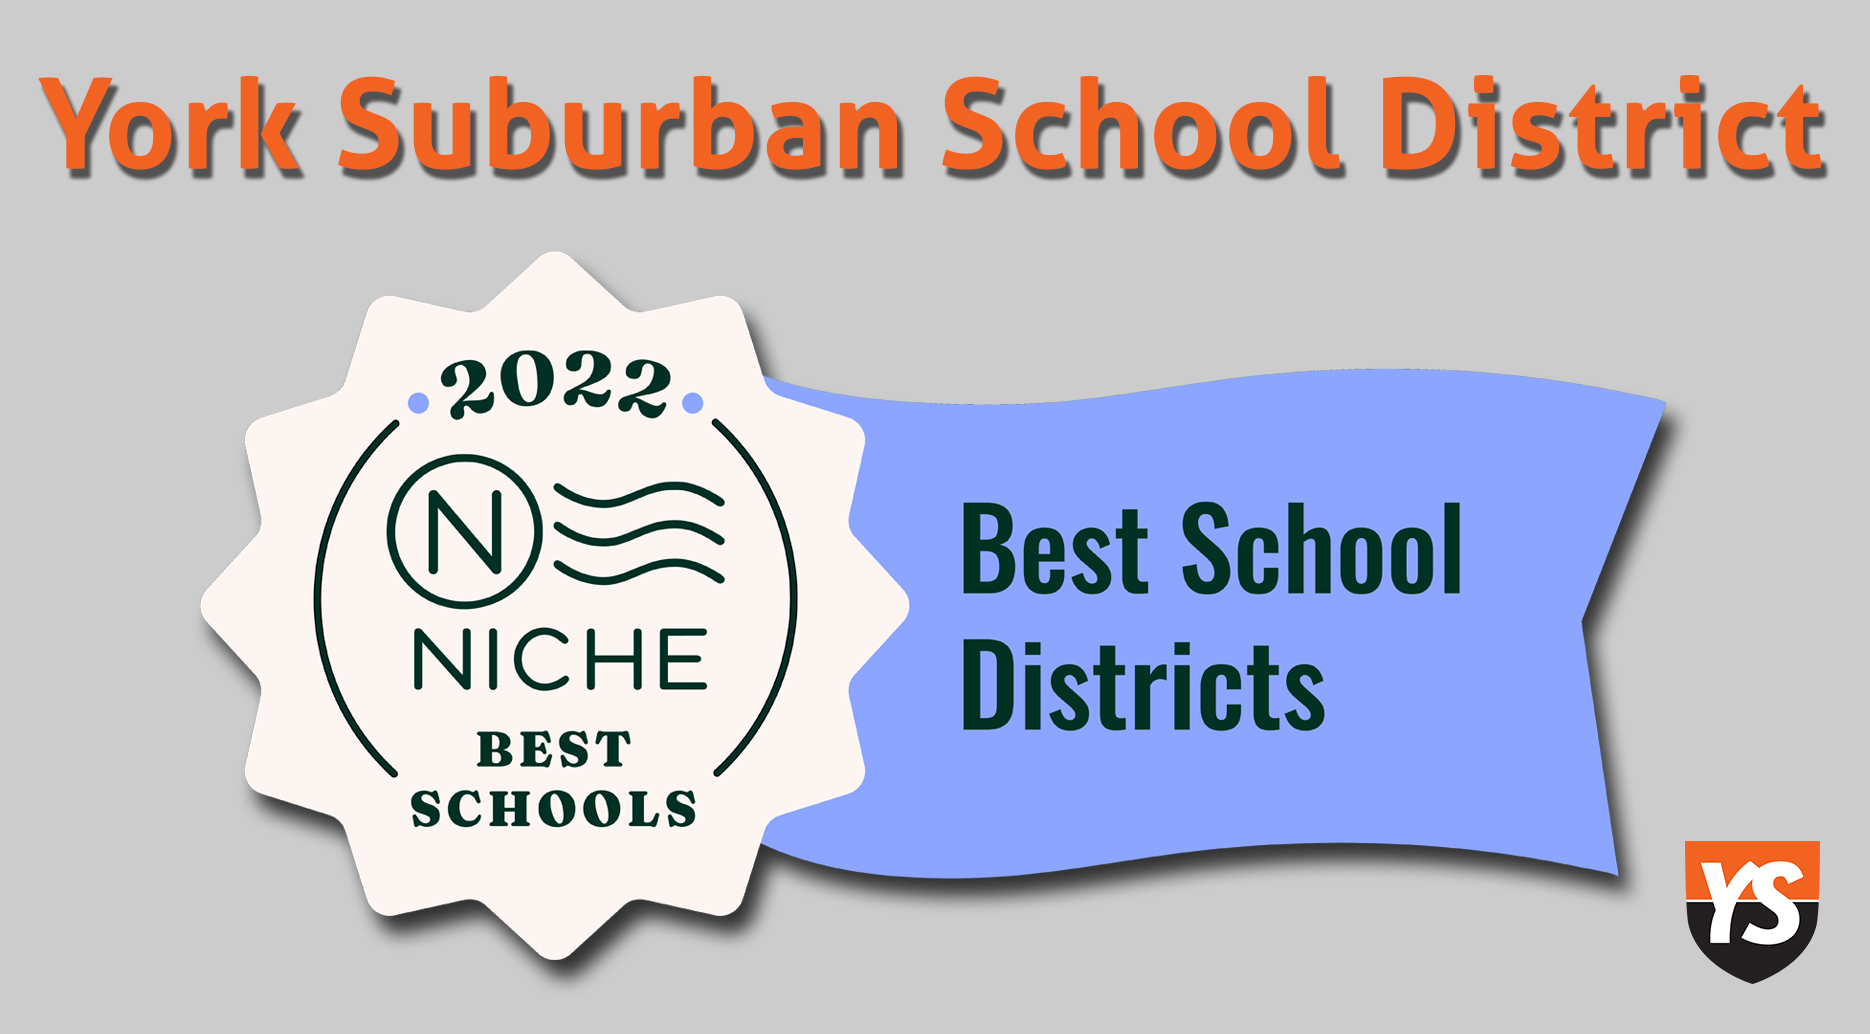 Niche Best School Districts